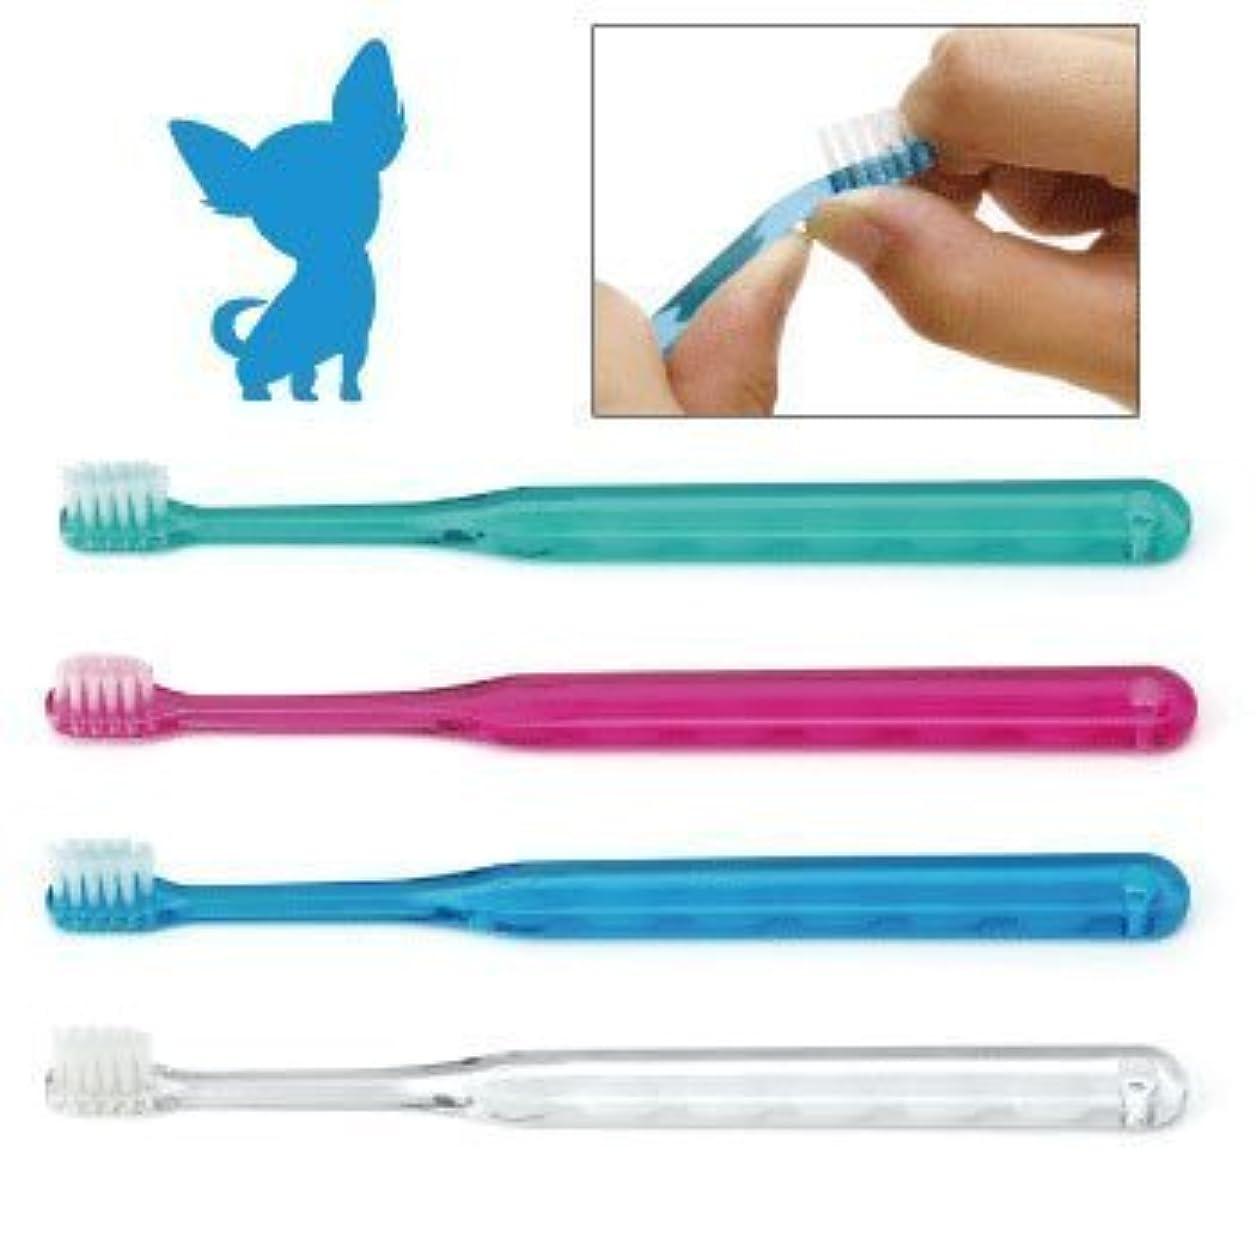 胚ナビゲーションそして犬用歯ブラシ / Ci シュワワ / ピンク /12本セット